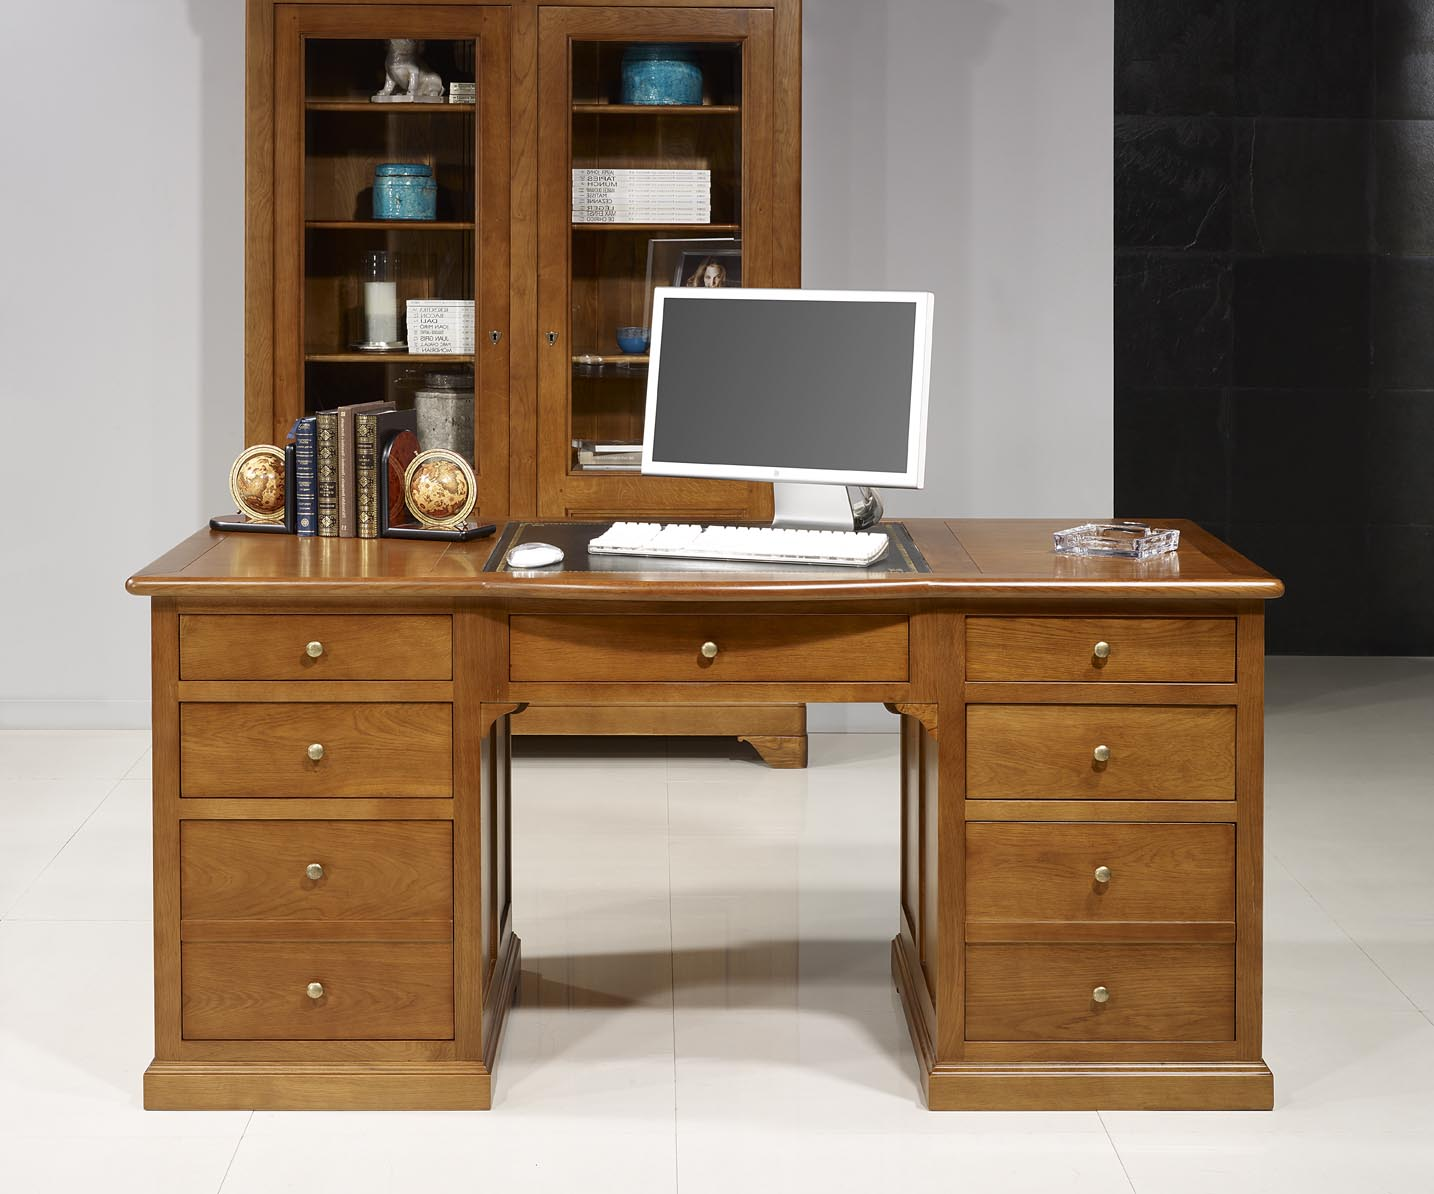 bureau ministre sp cial dossiers suspendus en ch ne massif de style louis philippe meuble en. Black Bedroom Furniture Sets. Home Design Ideas